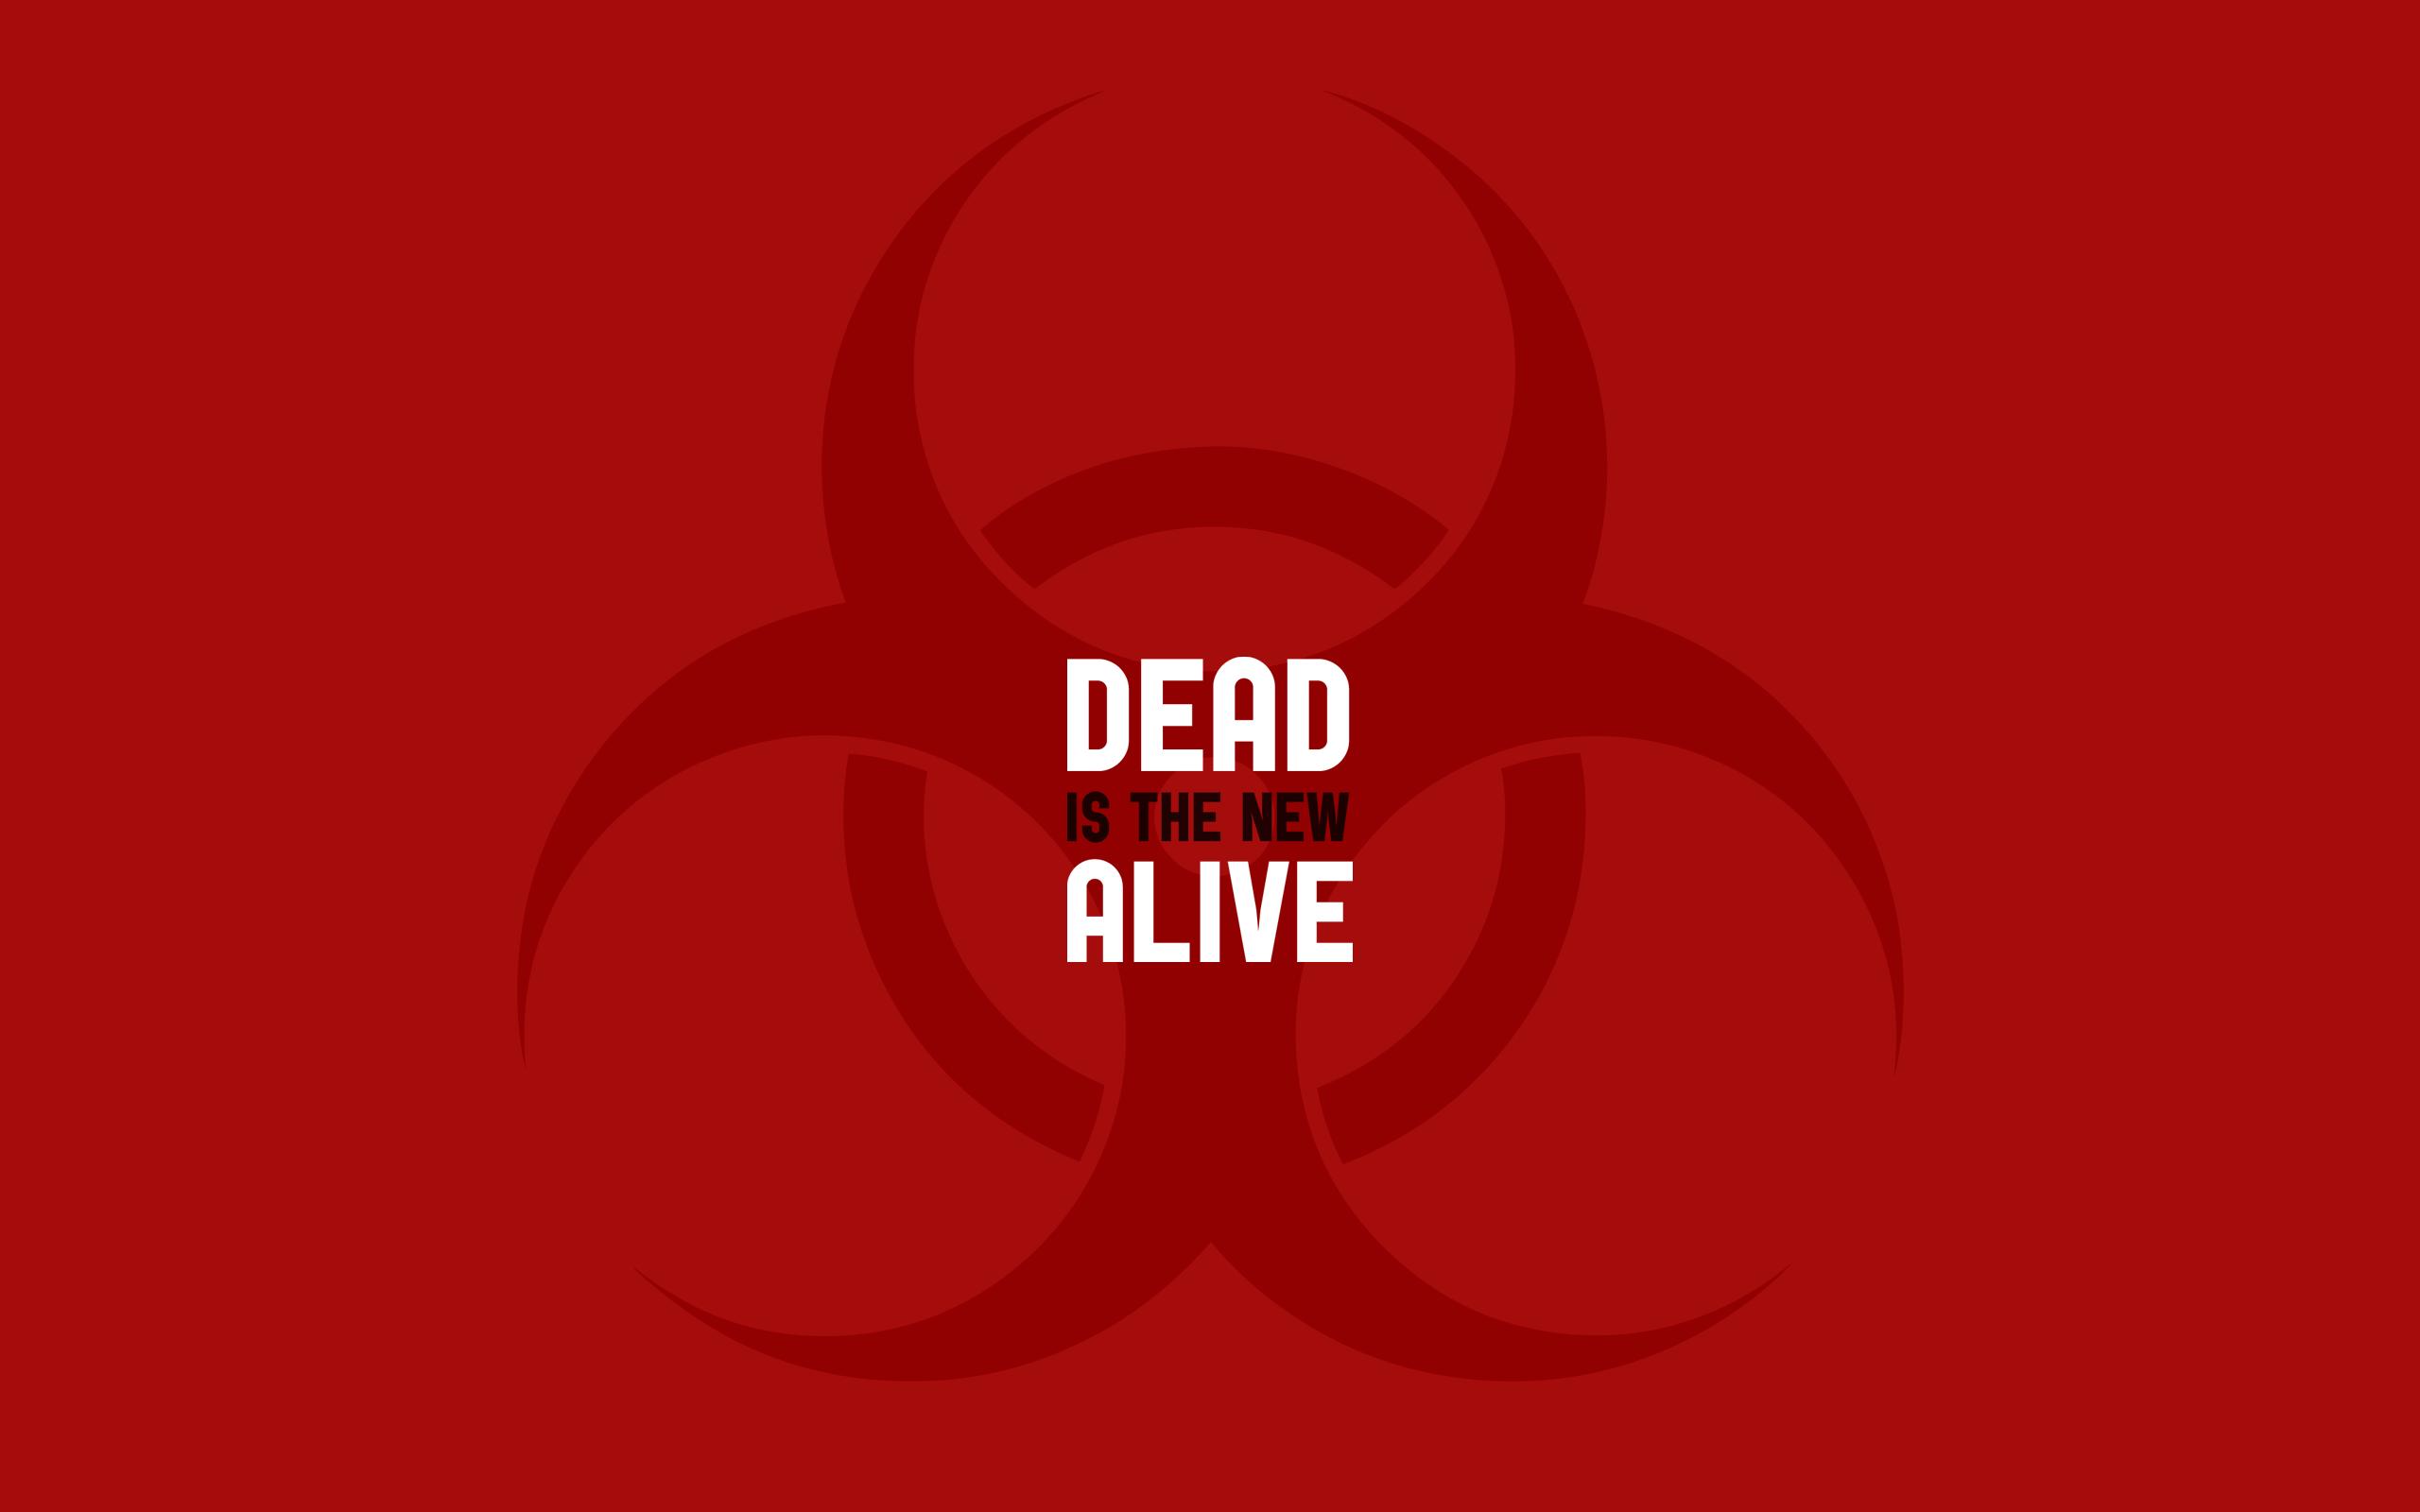 Happy Quotes Iphone Wallpaper Biohazard Symbol Background Download Free Pixelstalk Net